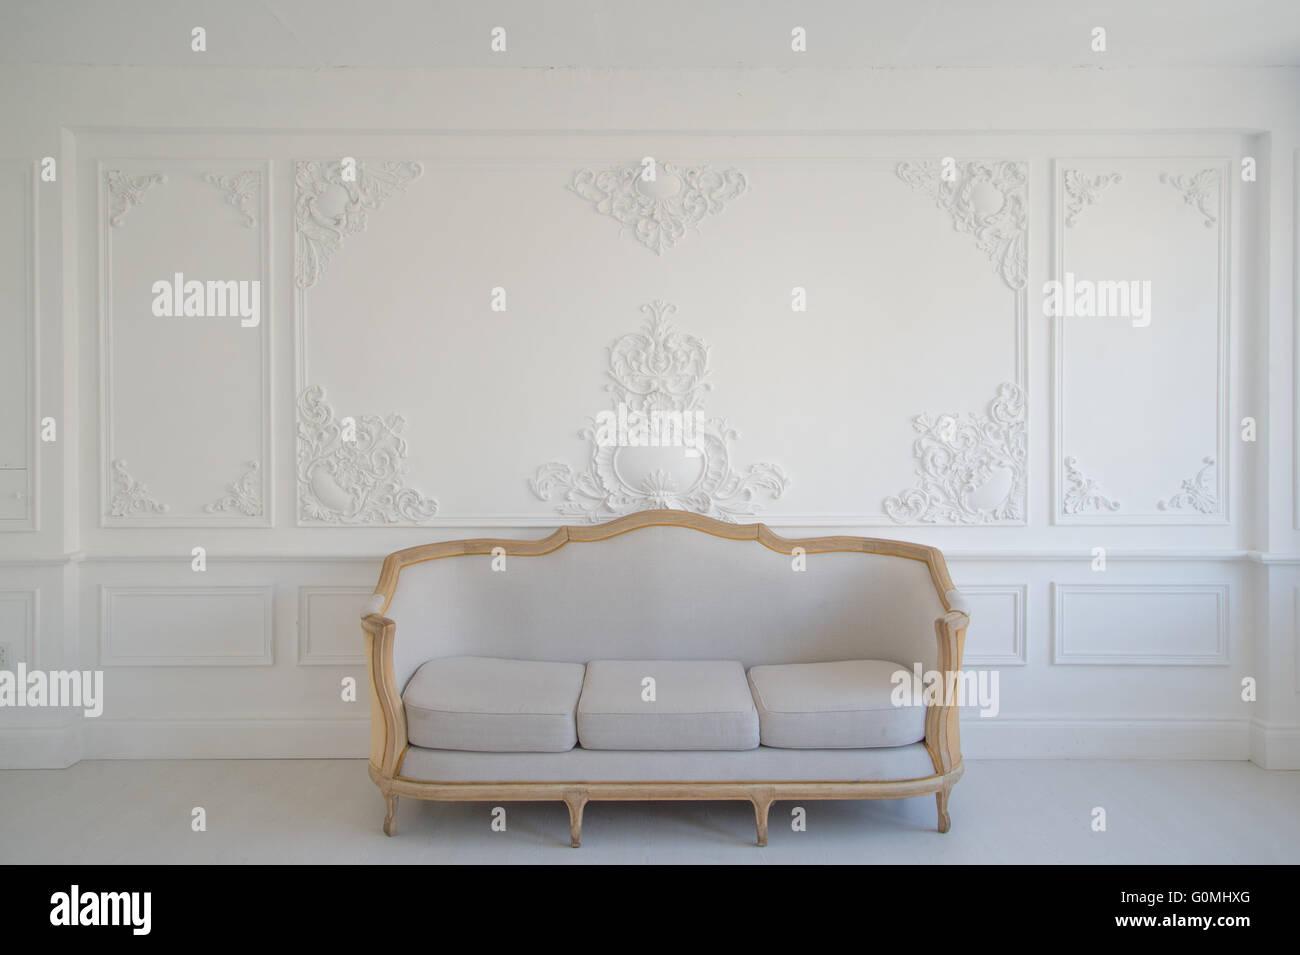 wohnzimmer mit antiken stilvolle licht sofa auf luxus weiße wand